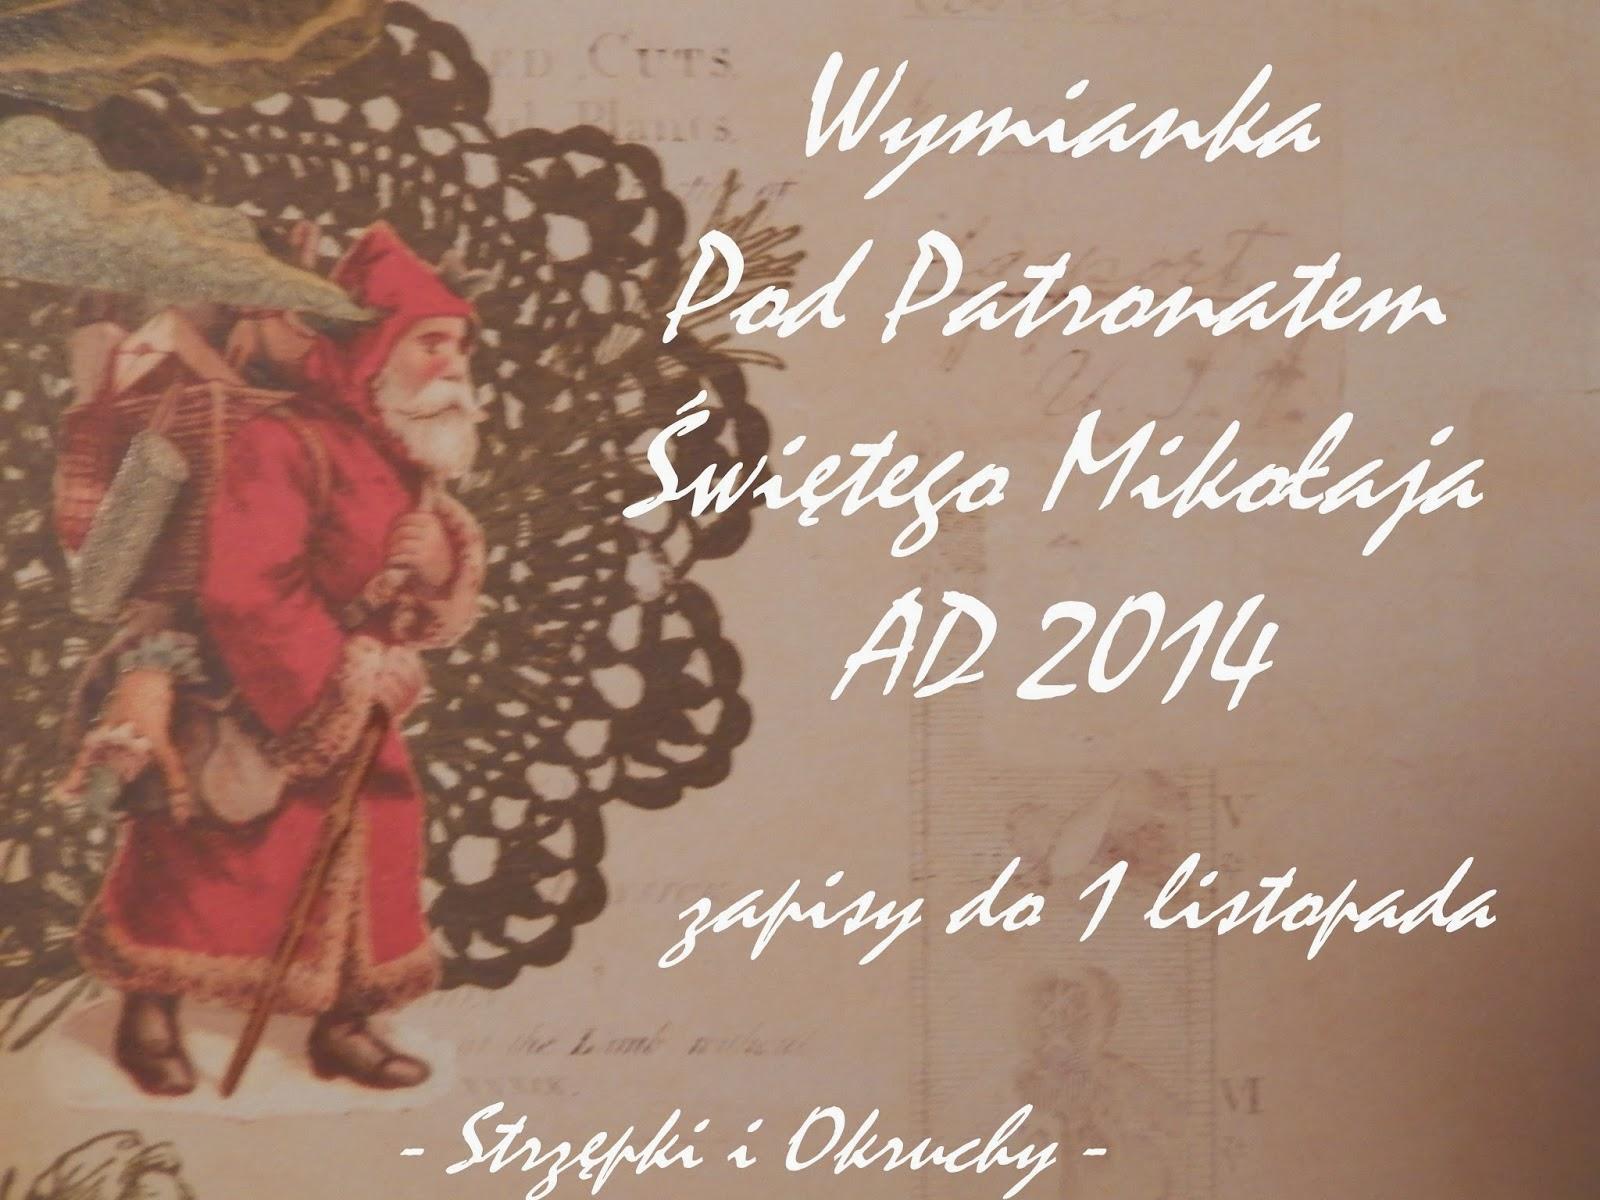 http://misiowyzakatek.blogspot.com/2014/12/wymianka-pod-patronatem-swietego-mikoaja.html